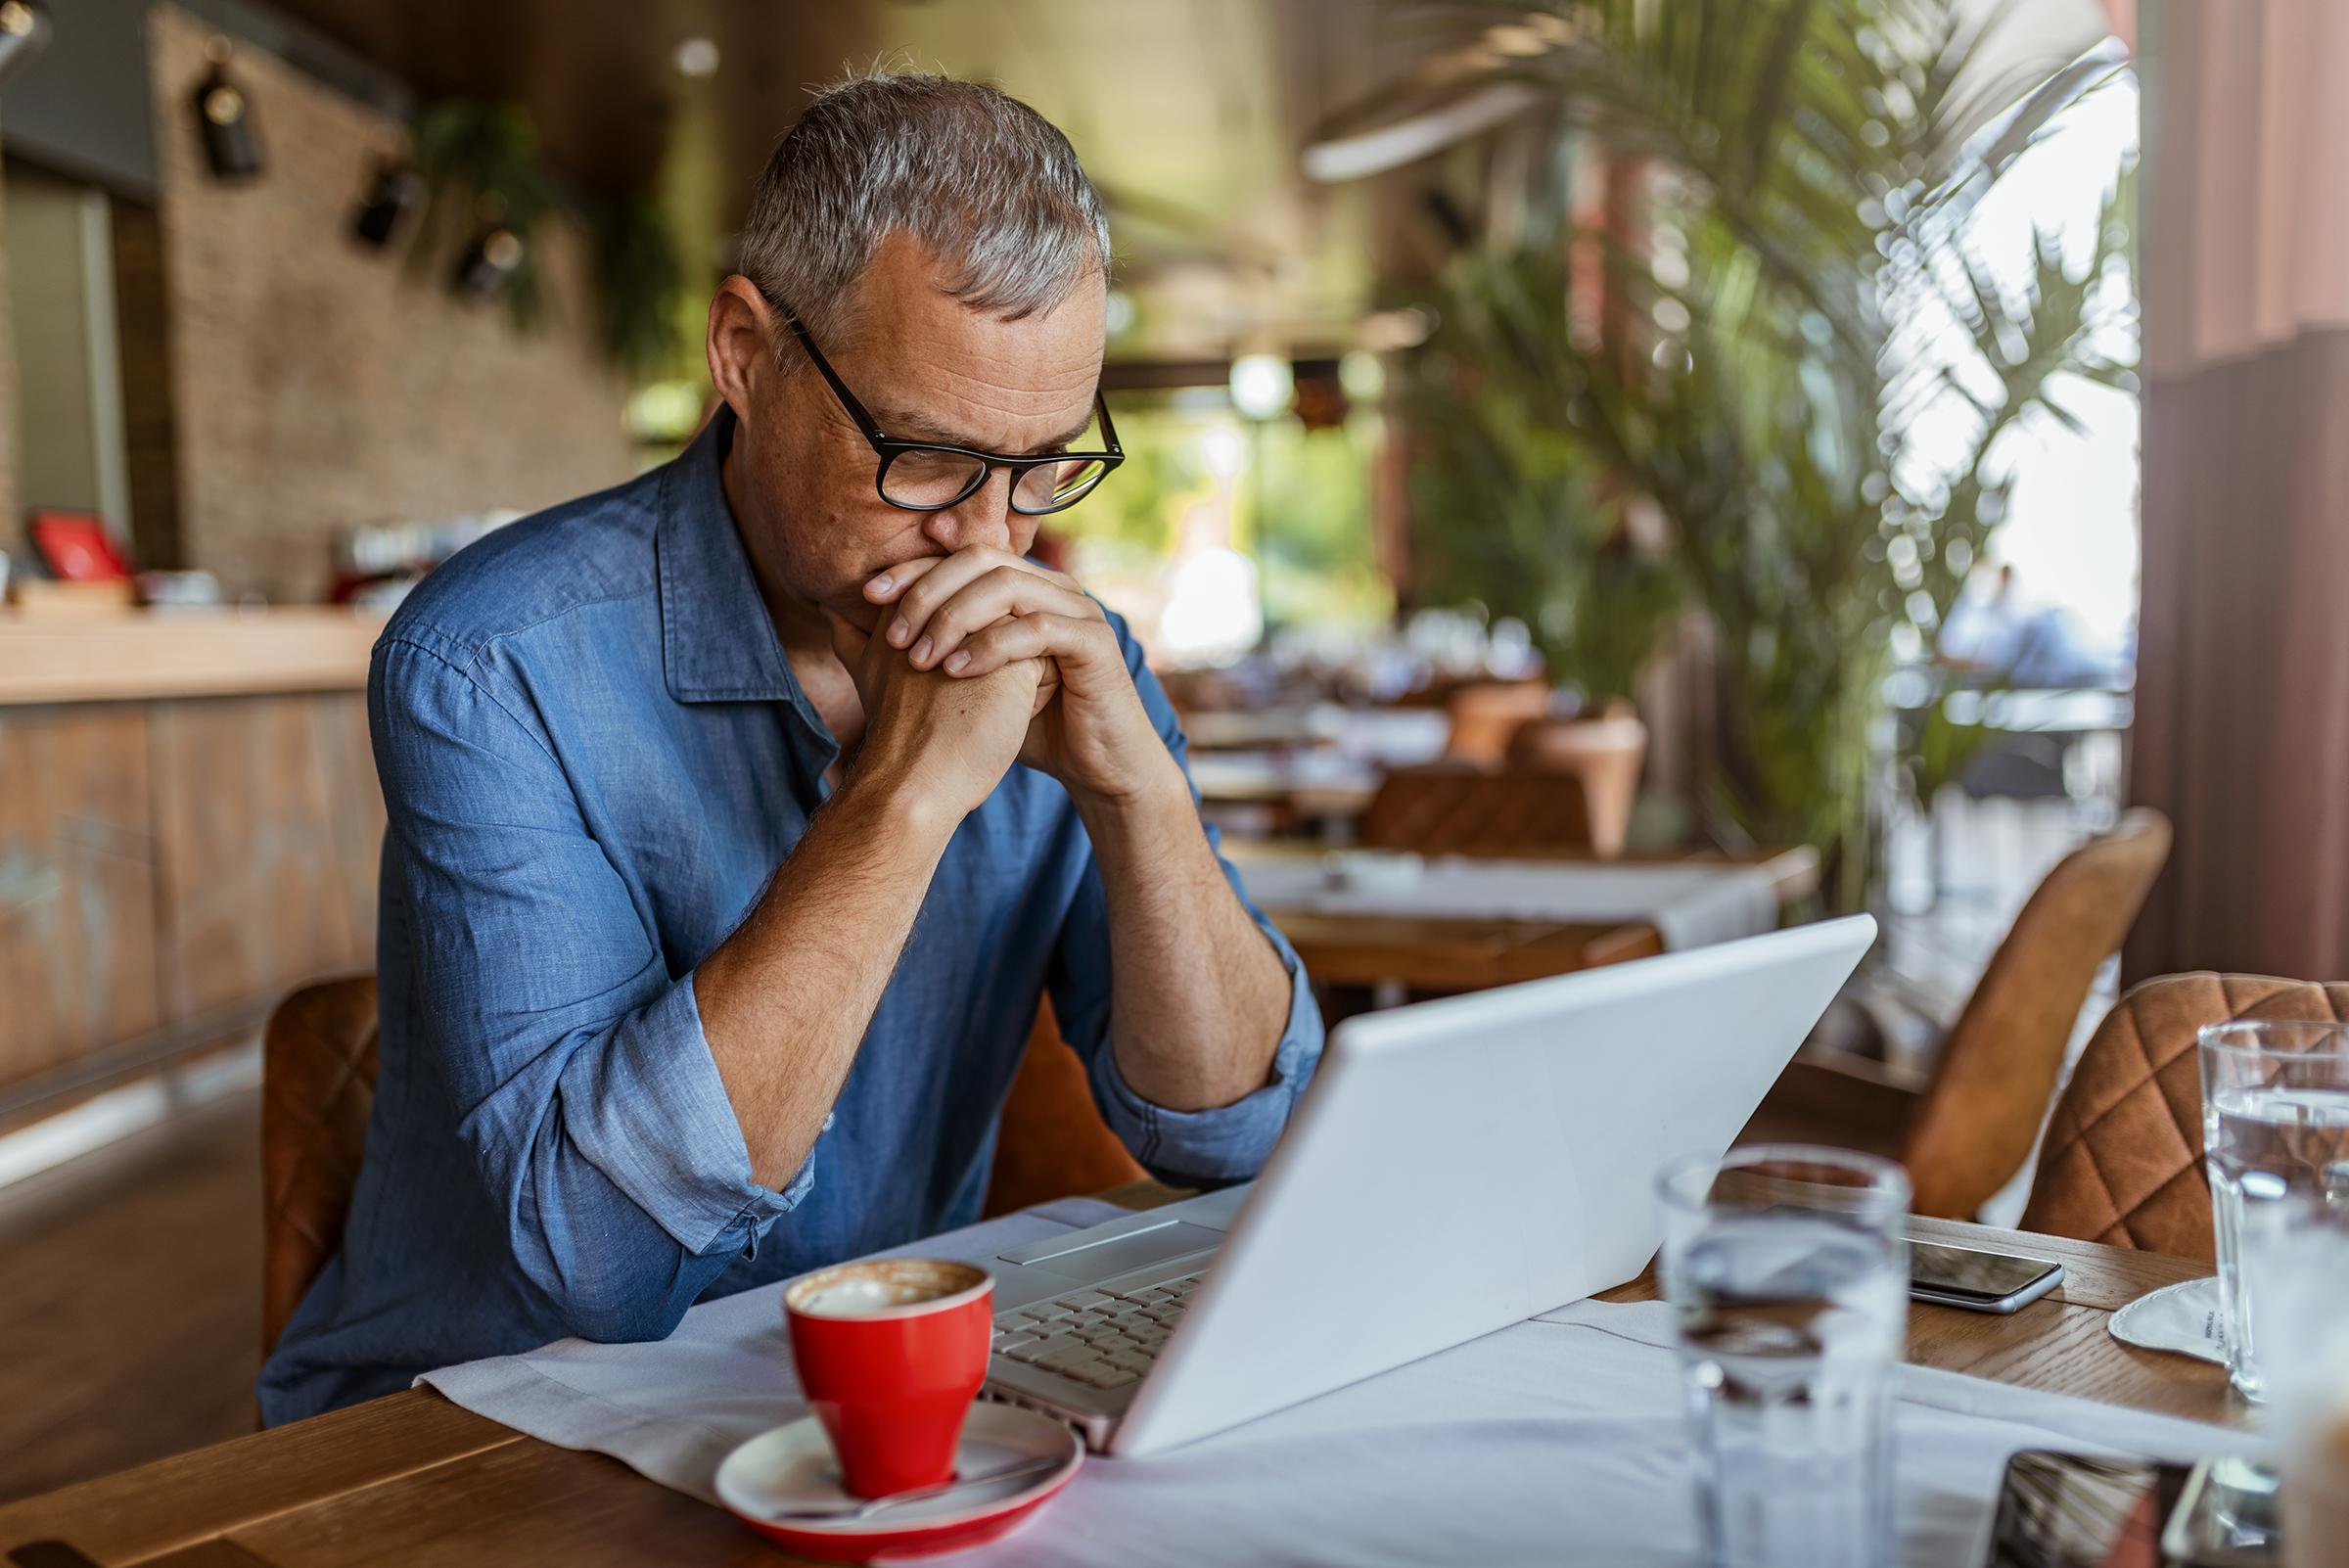 Man reading laptop